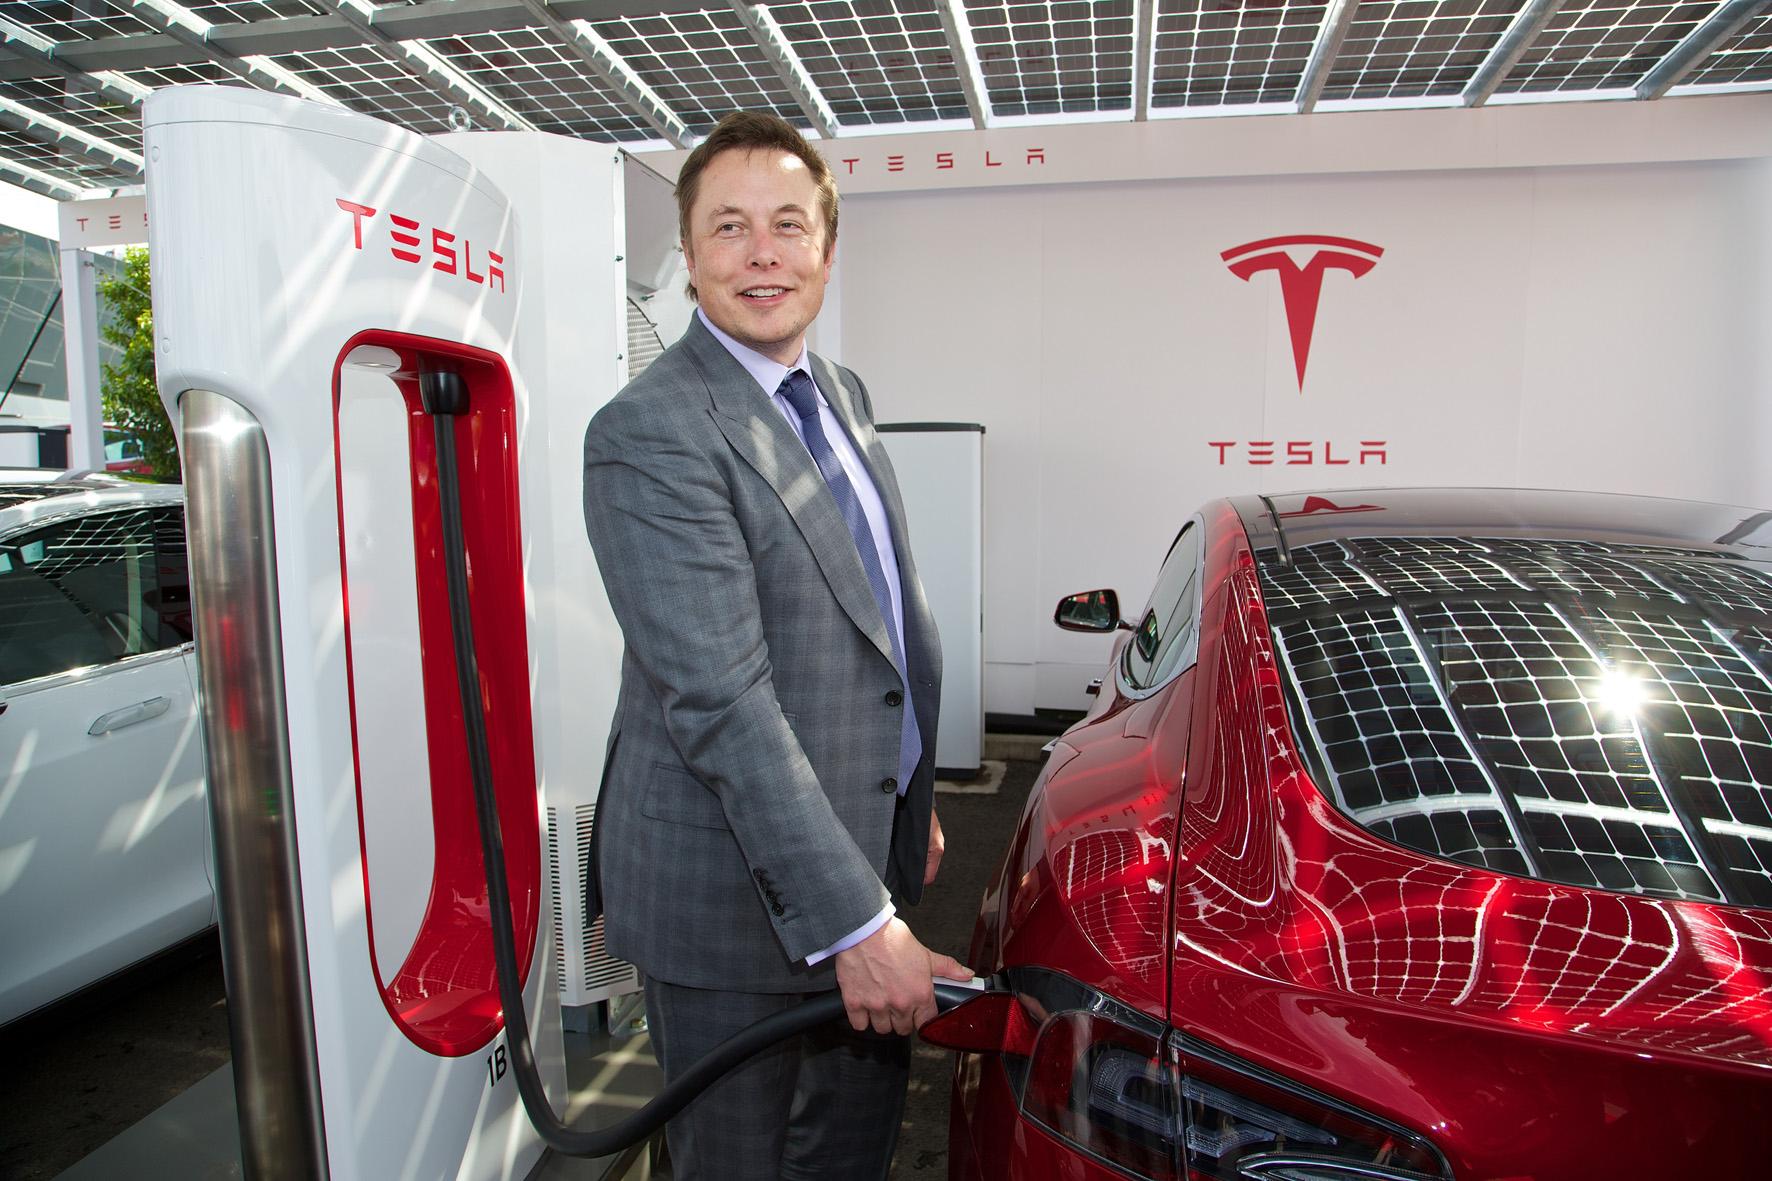 Subventionsbetrugsvorwürfe gegen Tesla wegen Umweltbonus